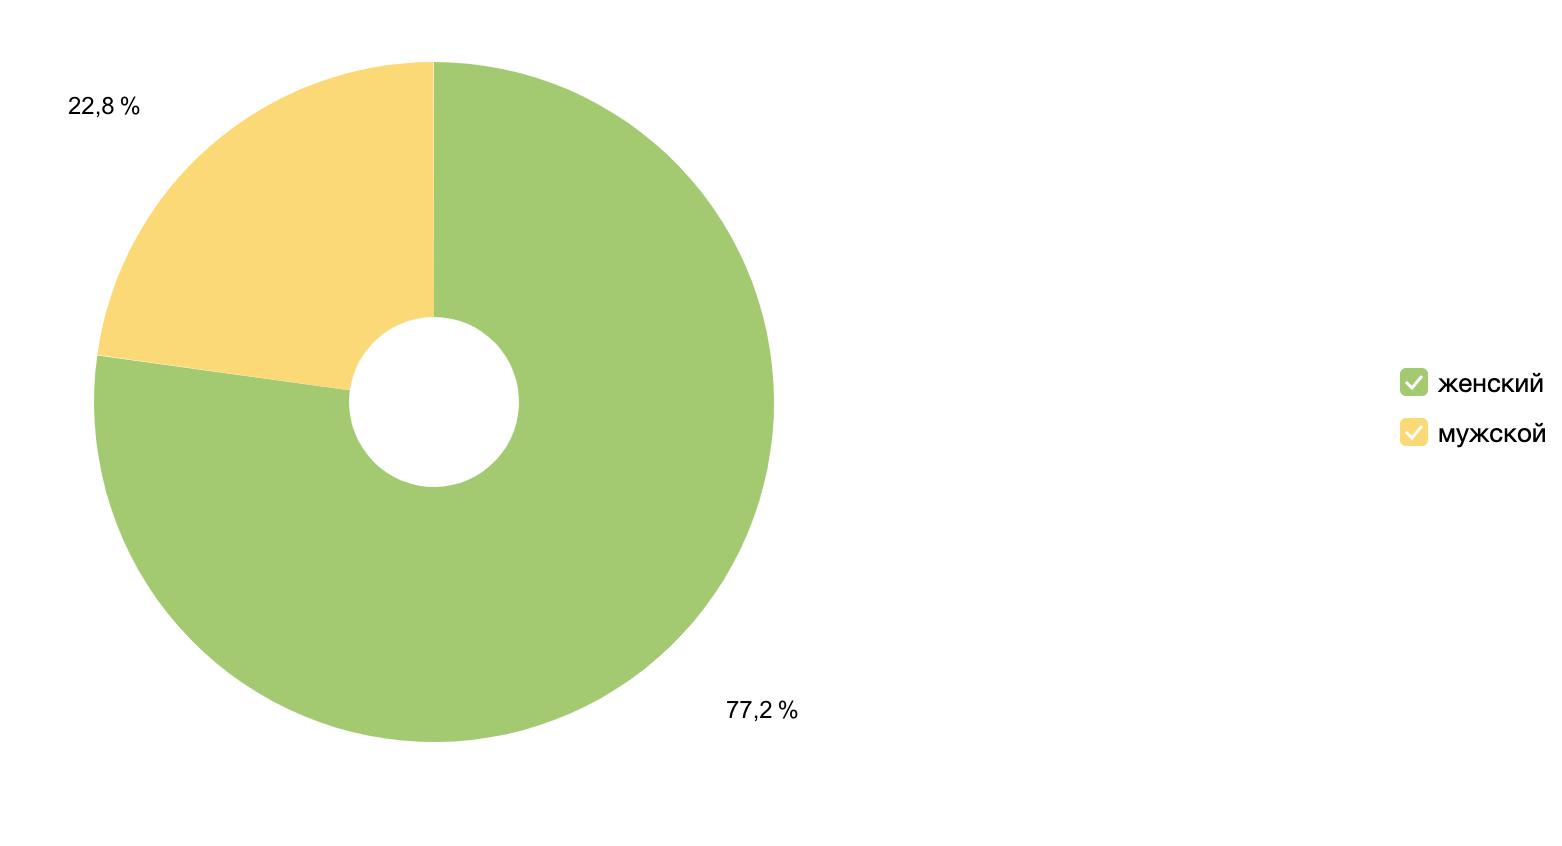 Соотношение полов посетителей сайта